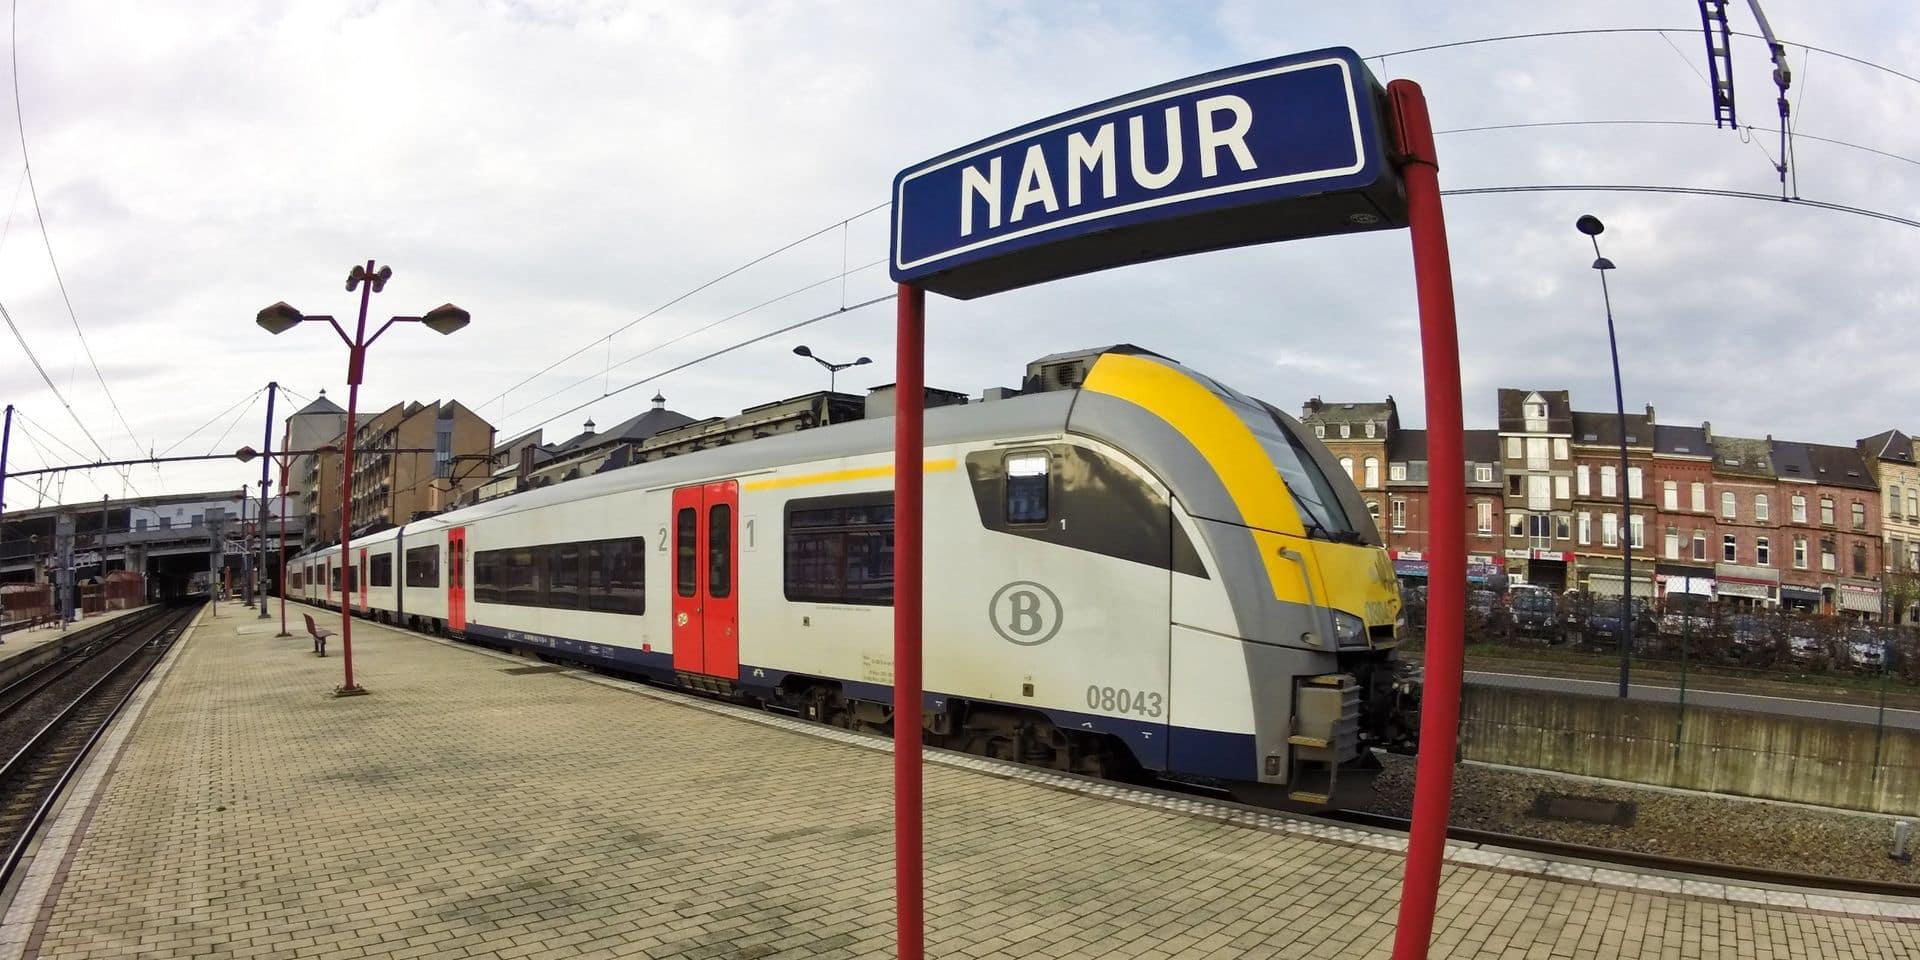 Intempéries: pas de train entre Namur et Gembloux avant le lundi 26 juillet, et non le 19